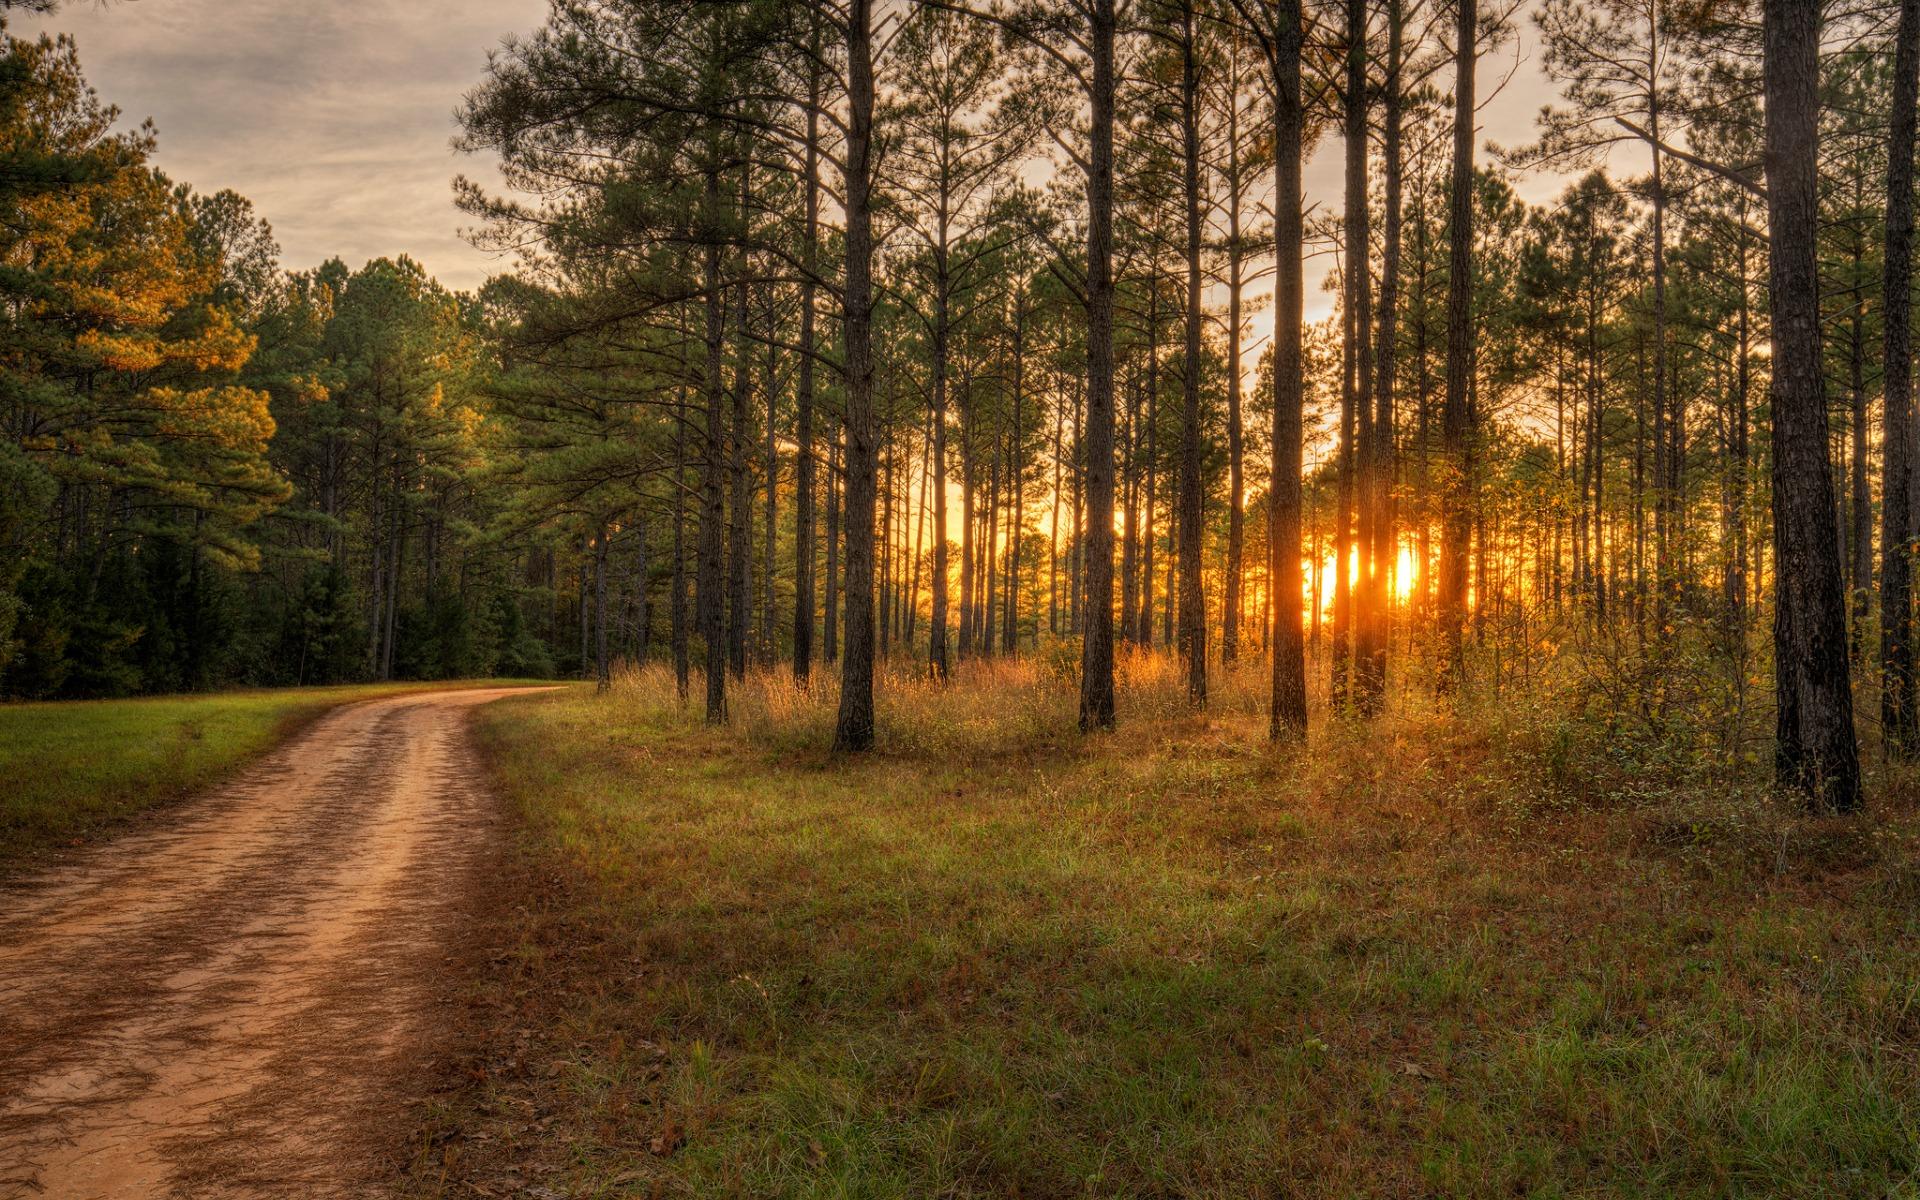 картинки с вечерним лесом подобные подразделения